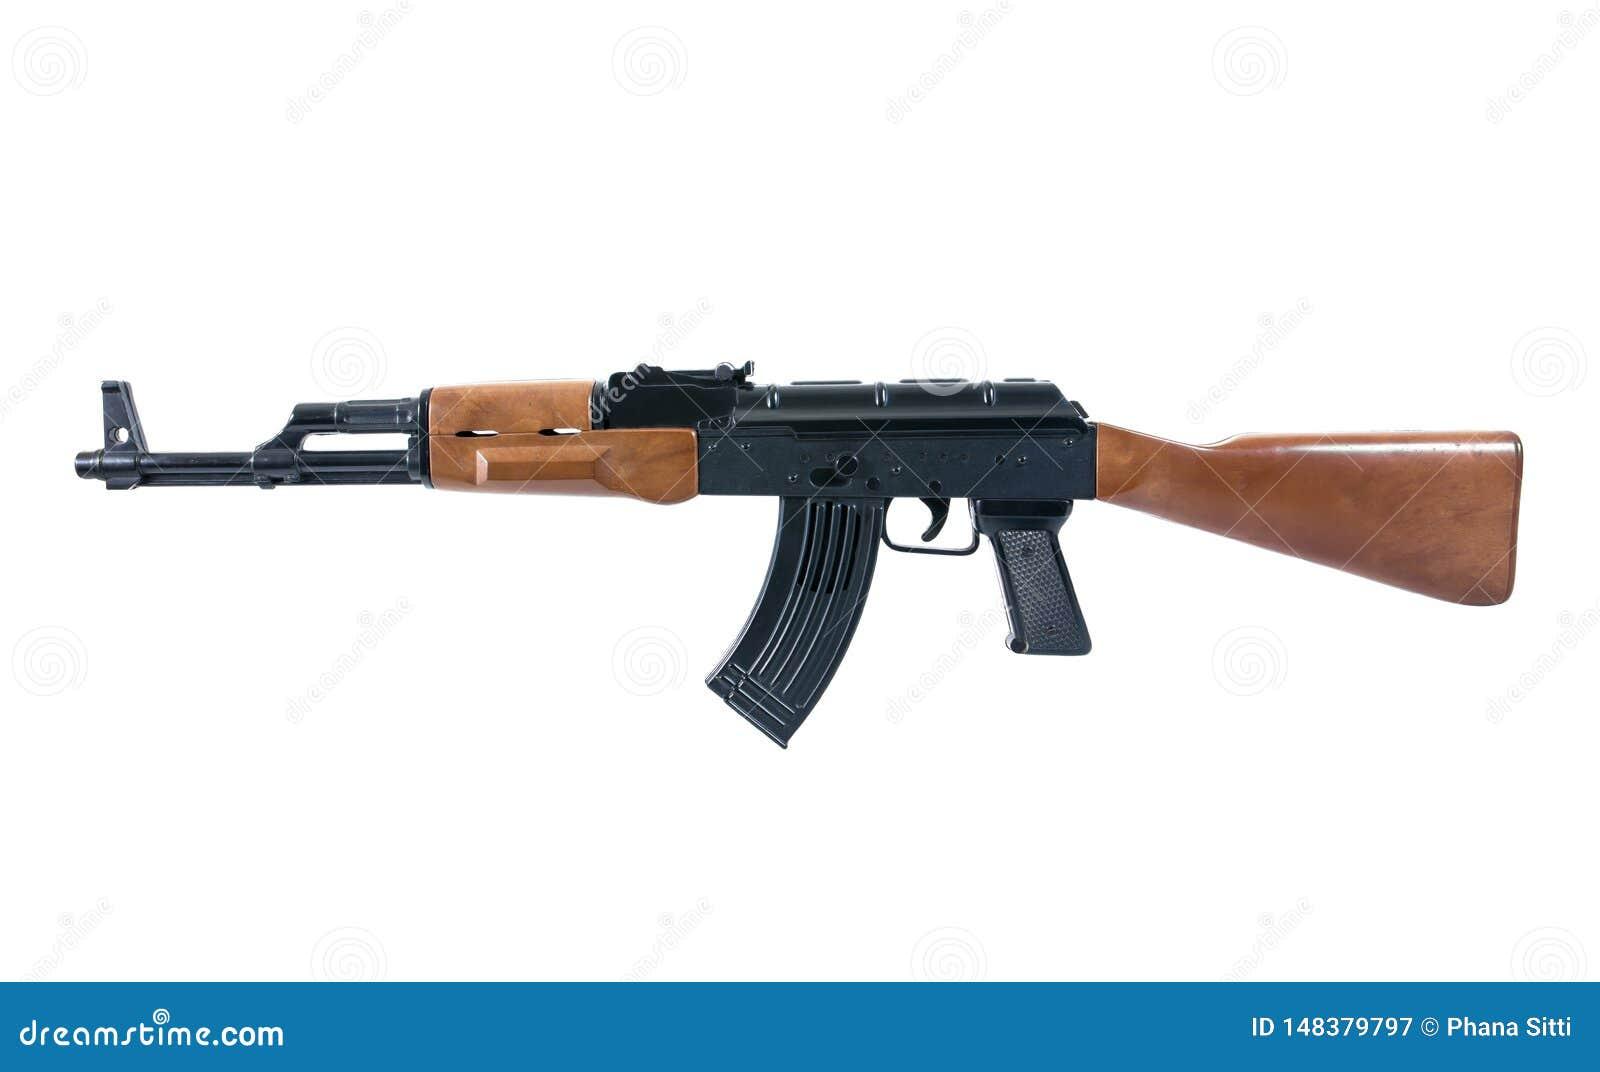 Aisl Shooting arma de la arma de mano - juguete del arma del crimen